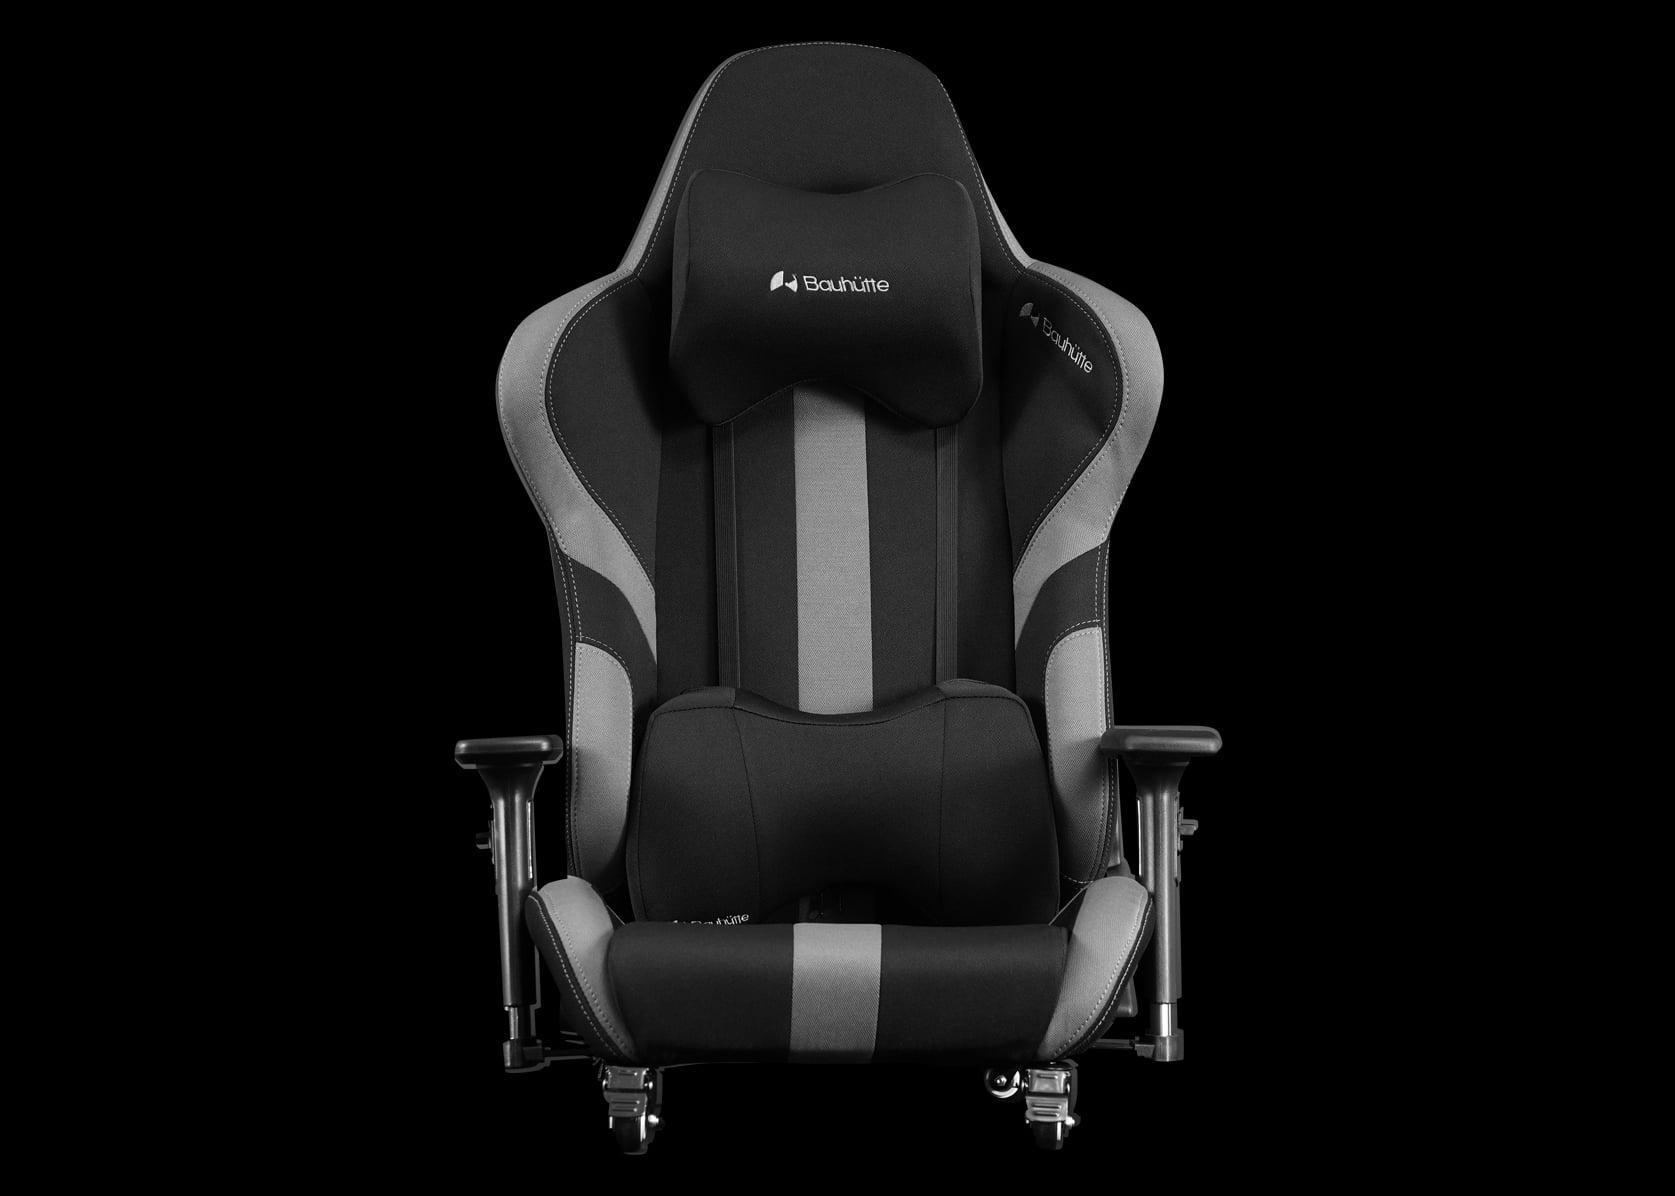 ゲーミング座椅子 LOC-950RR gallery